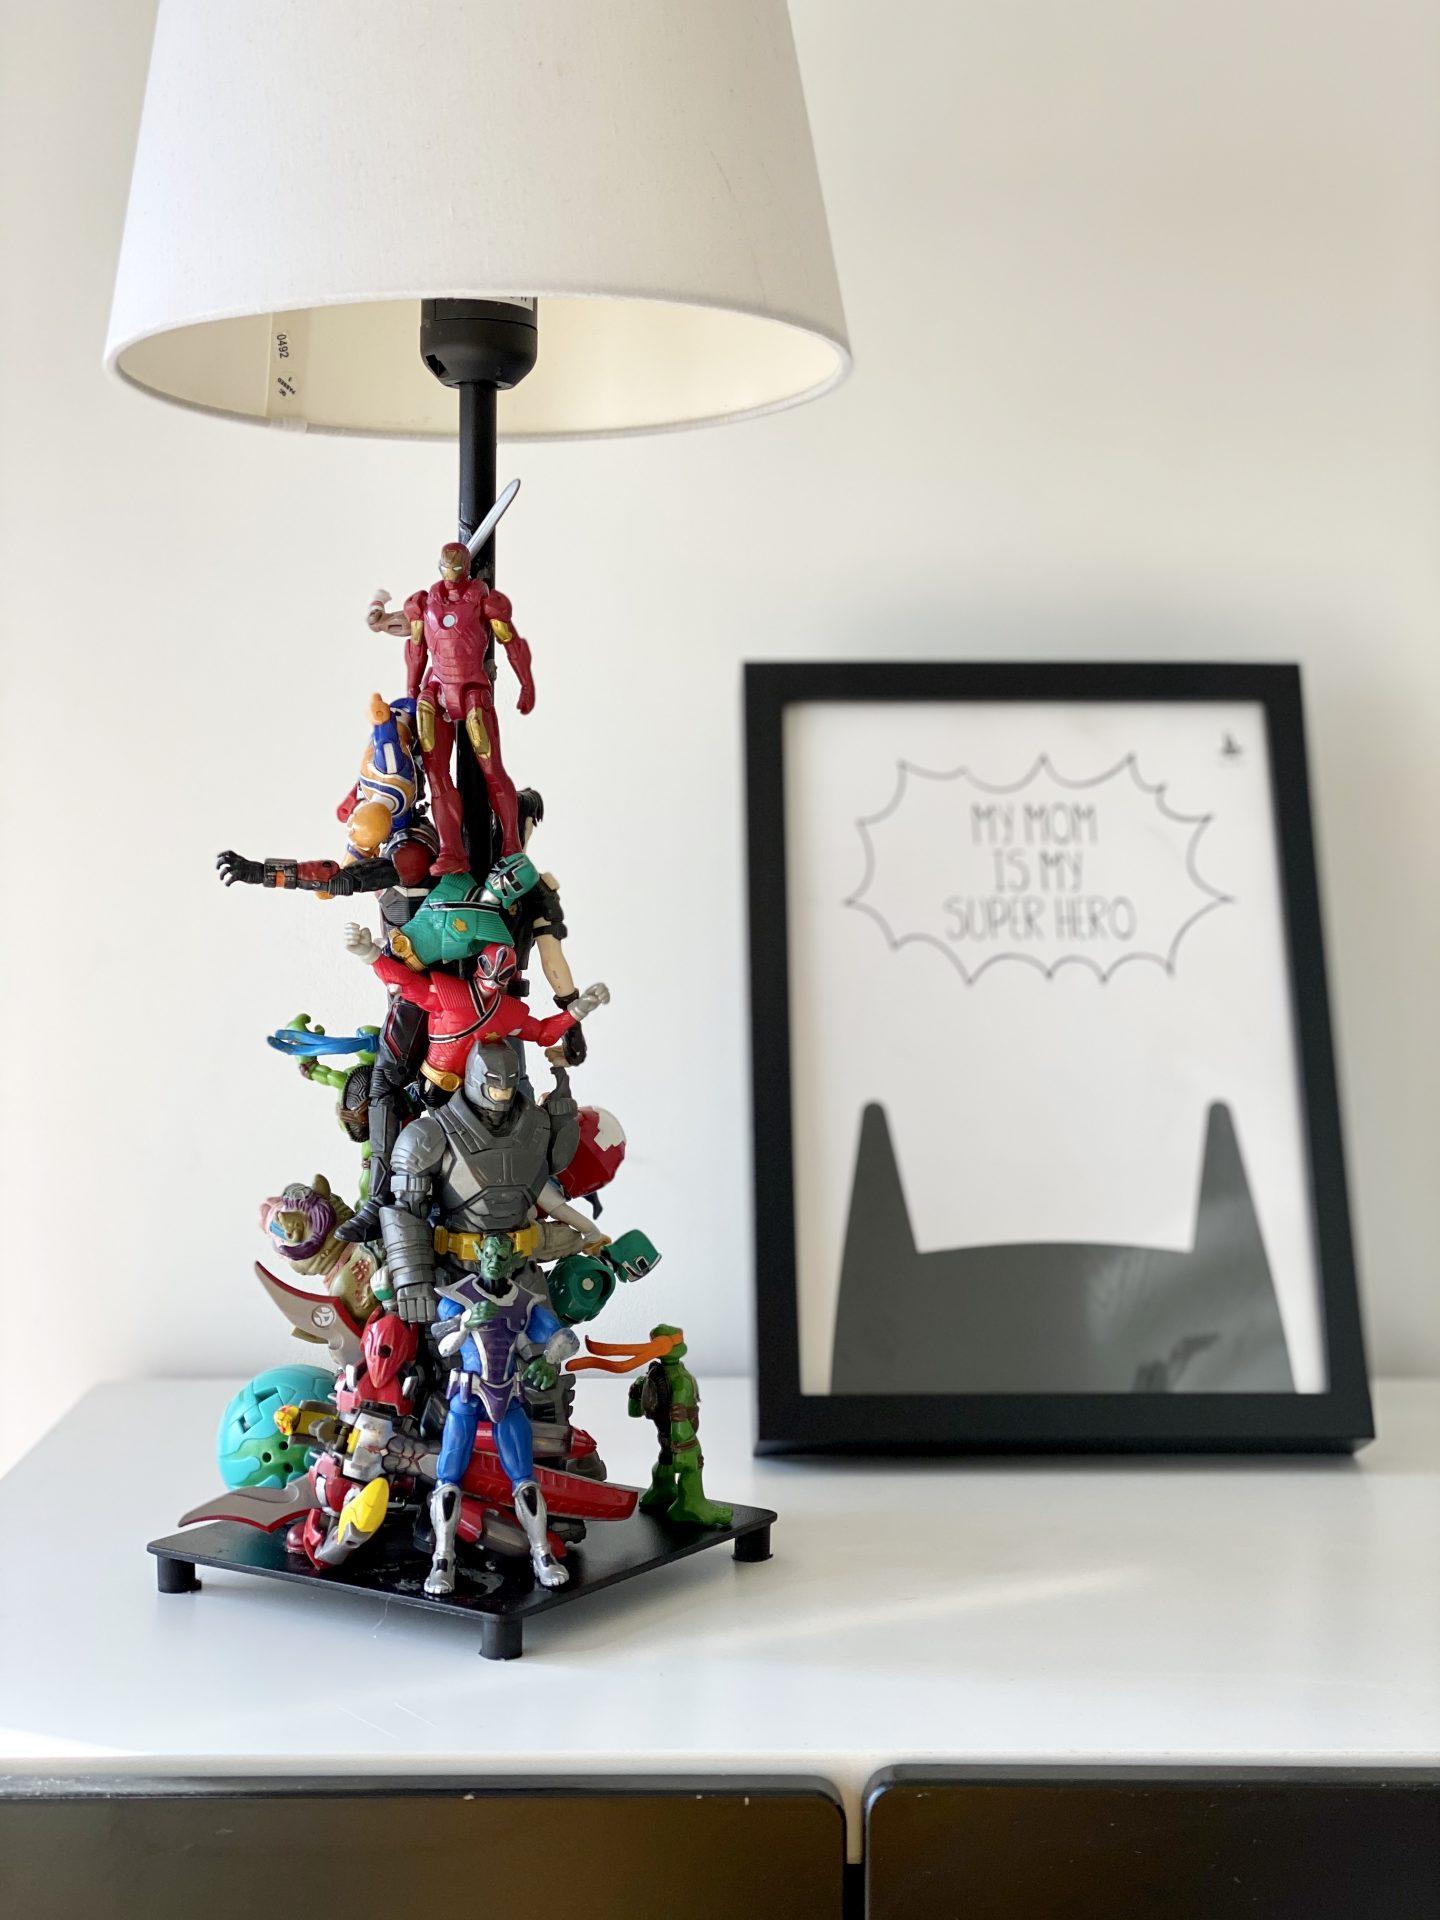 חדר גיבורי על קונסולה קואלה רהיטים שירי ויצנר בלוג חיפאית28